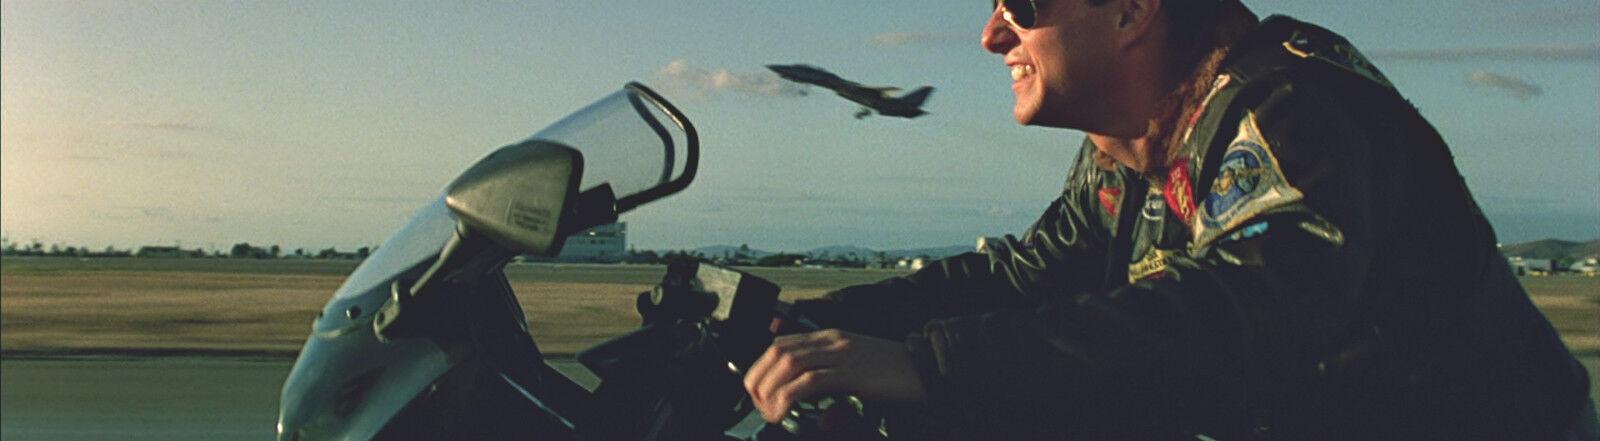 F-14 Tomcat Fighter Bardane Haut Pistolet École Rouge Équipe Insignes Patch